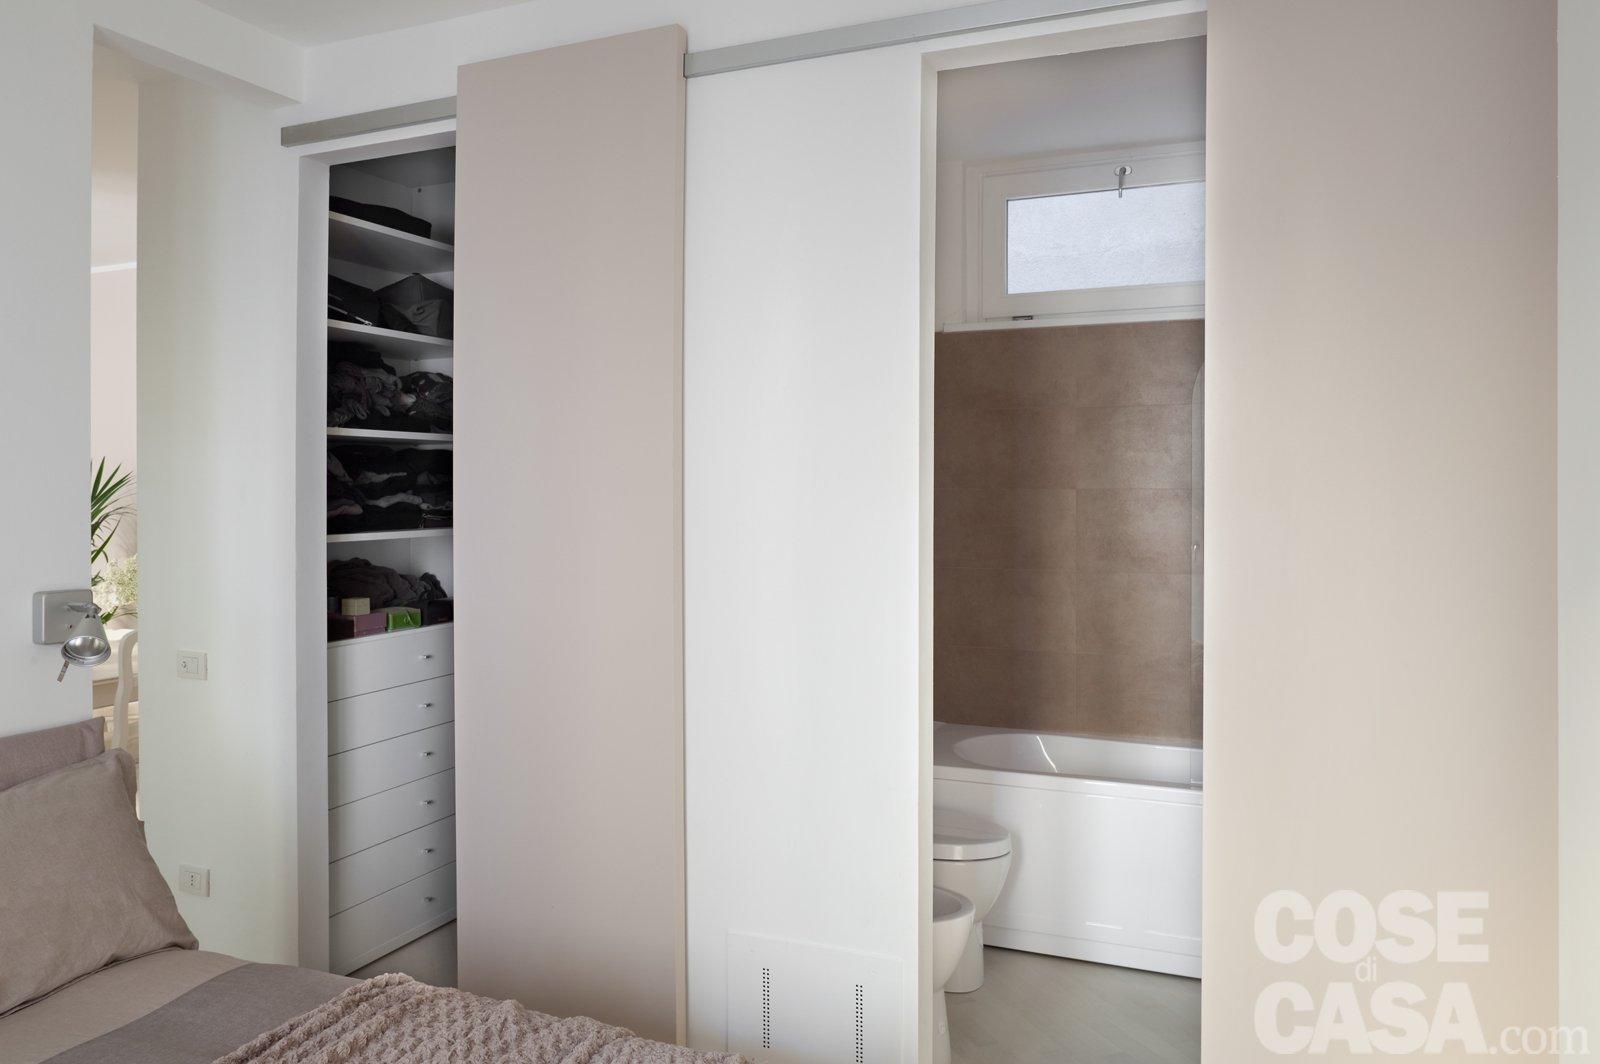 camera da letto con bagno e cabina armadio: cabina armadio ottima ... - Cabina Armadio Camera Da Letto